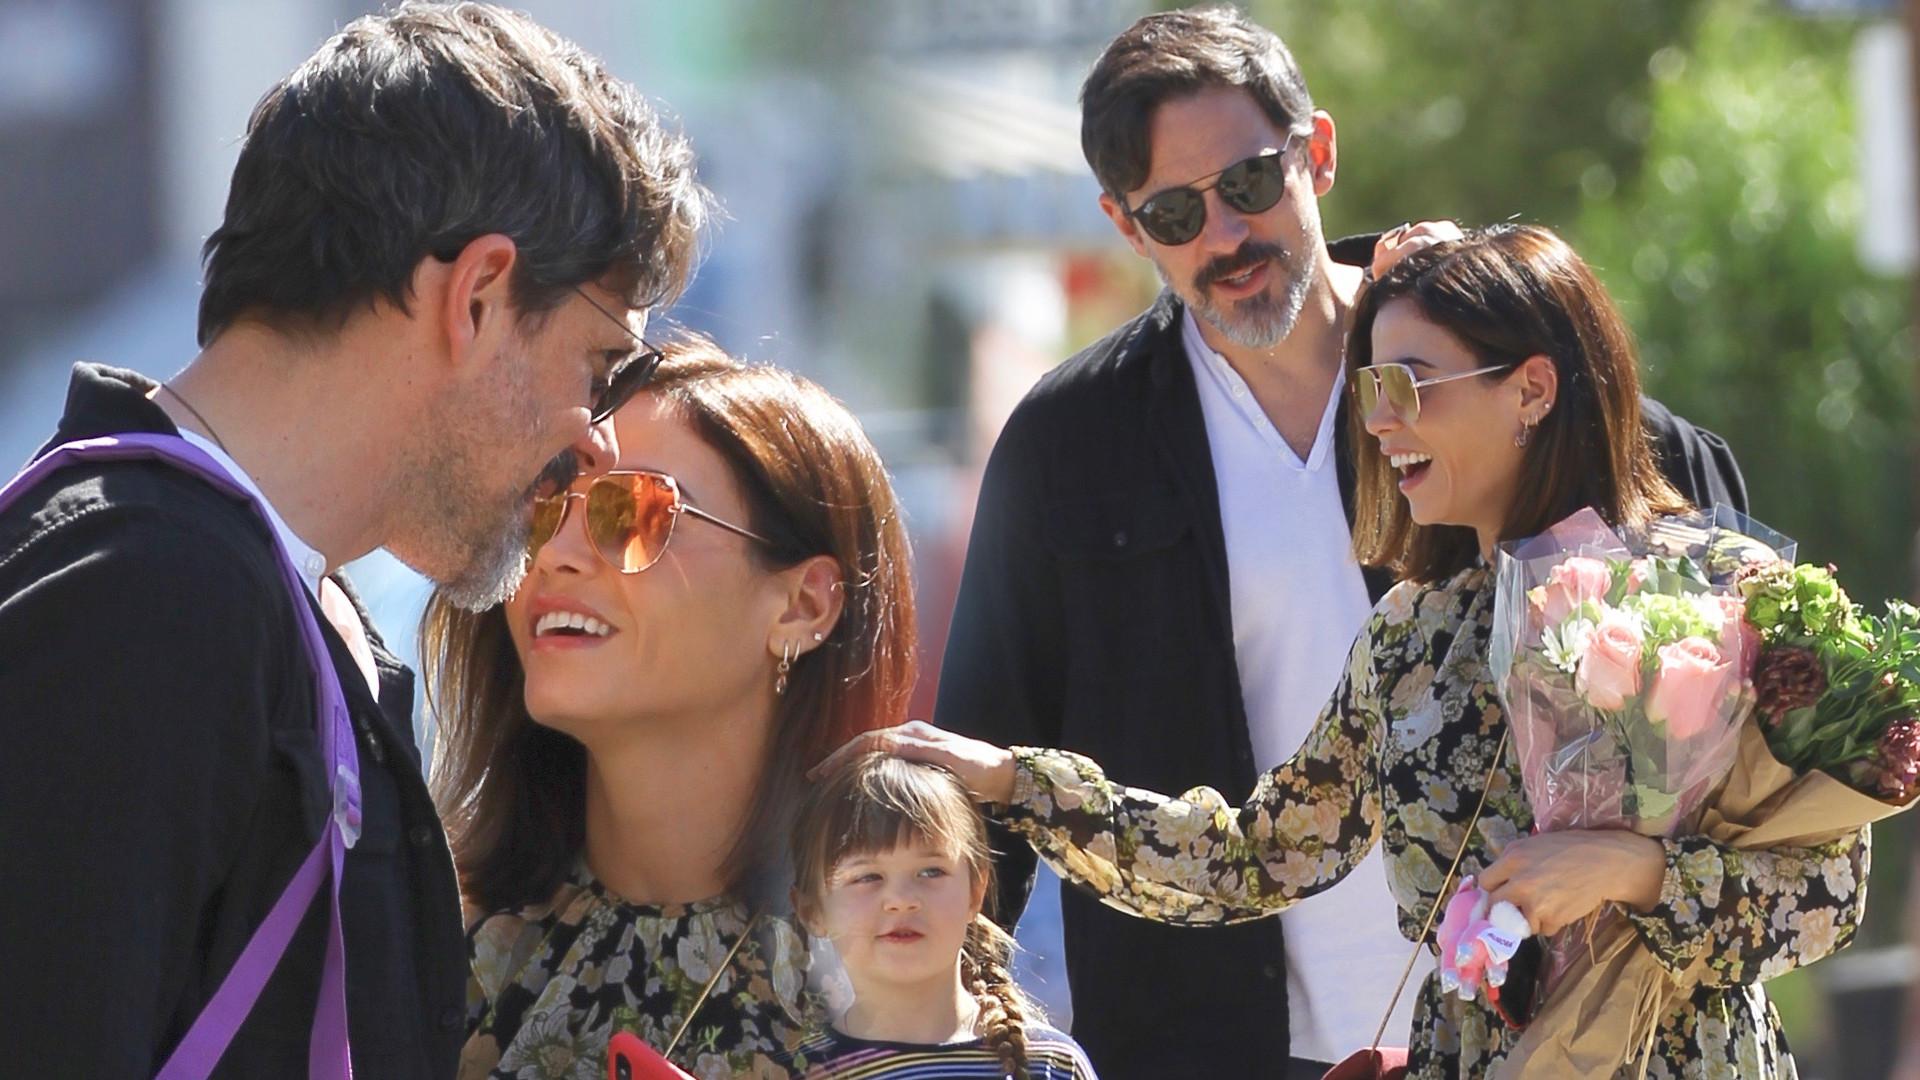 Jenna Dewan z partnerem, Stevem Kazee i córką Everly w drodze na spektakl (ZDJĘCIA)